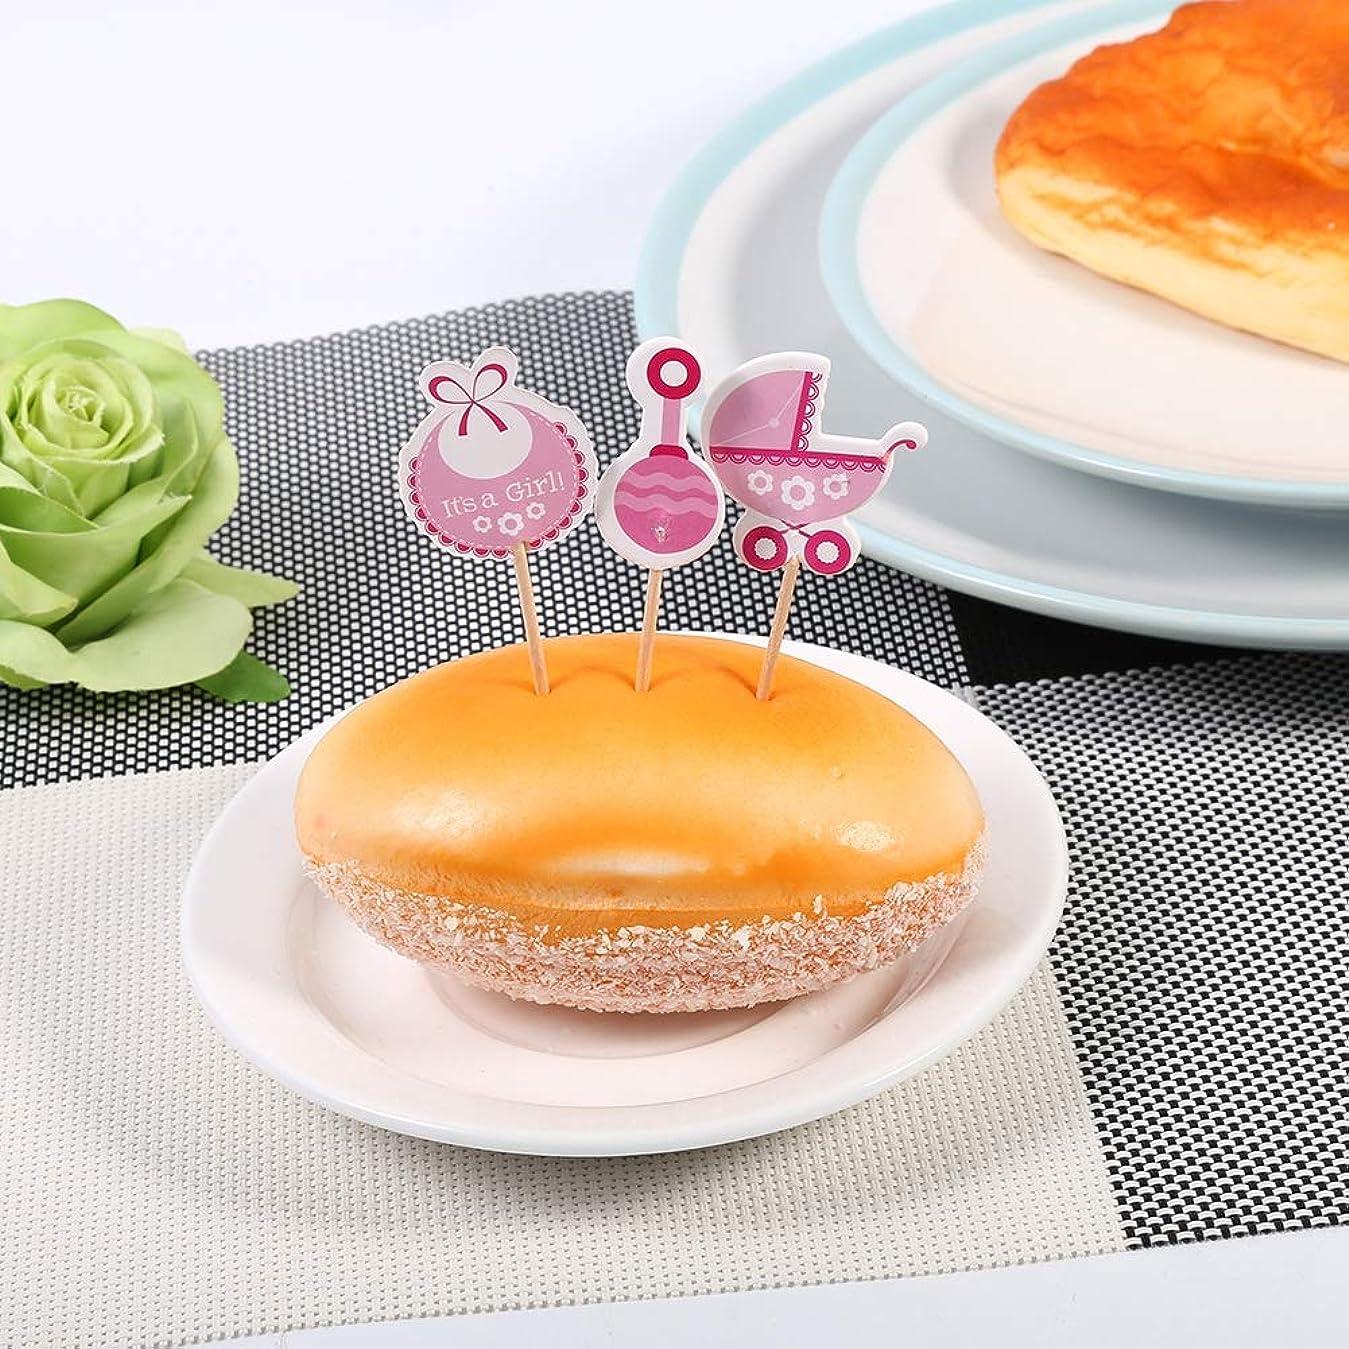 消費者外観依存するカップケーキトッパー、ケーキデコレーションかわいいカップケーキトッパー、無毒2色カップケーキトッパー、18個入りの男の子/女の子用ケーキ(Pink)